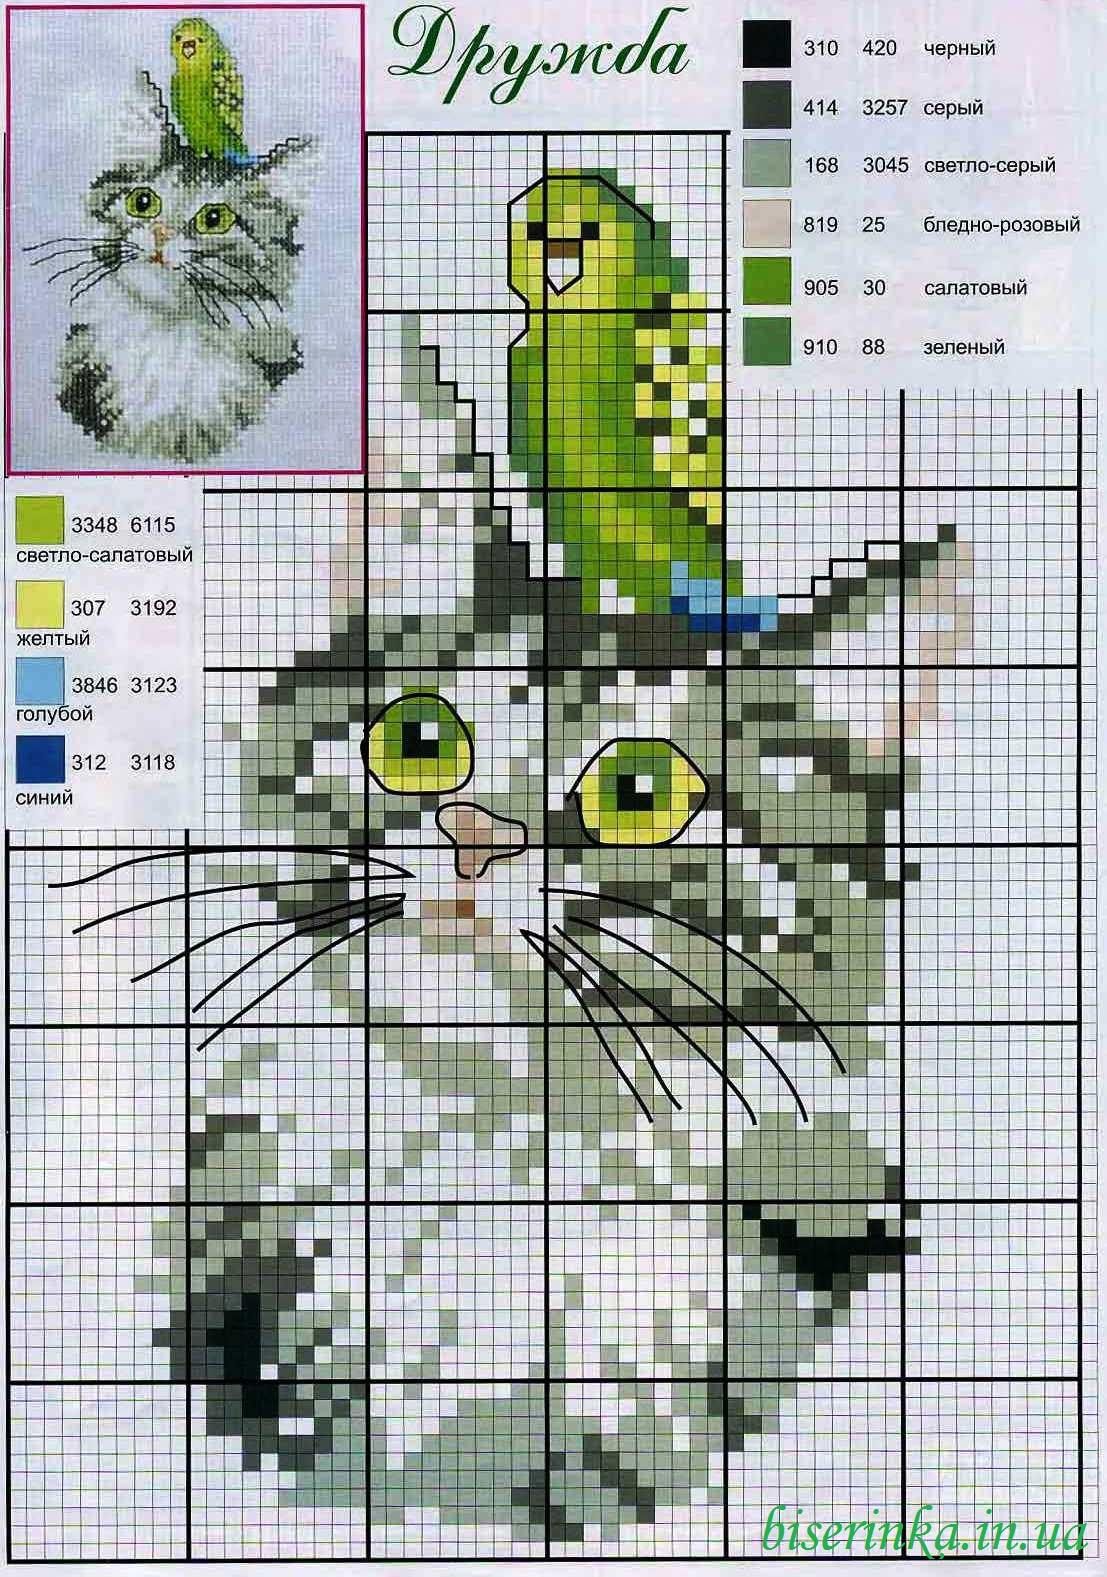 вышивка черный котенок цветная схема